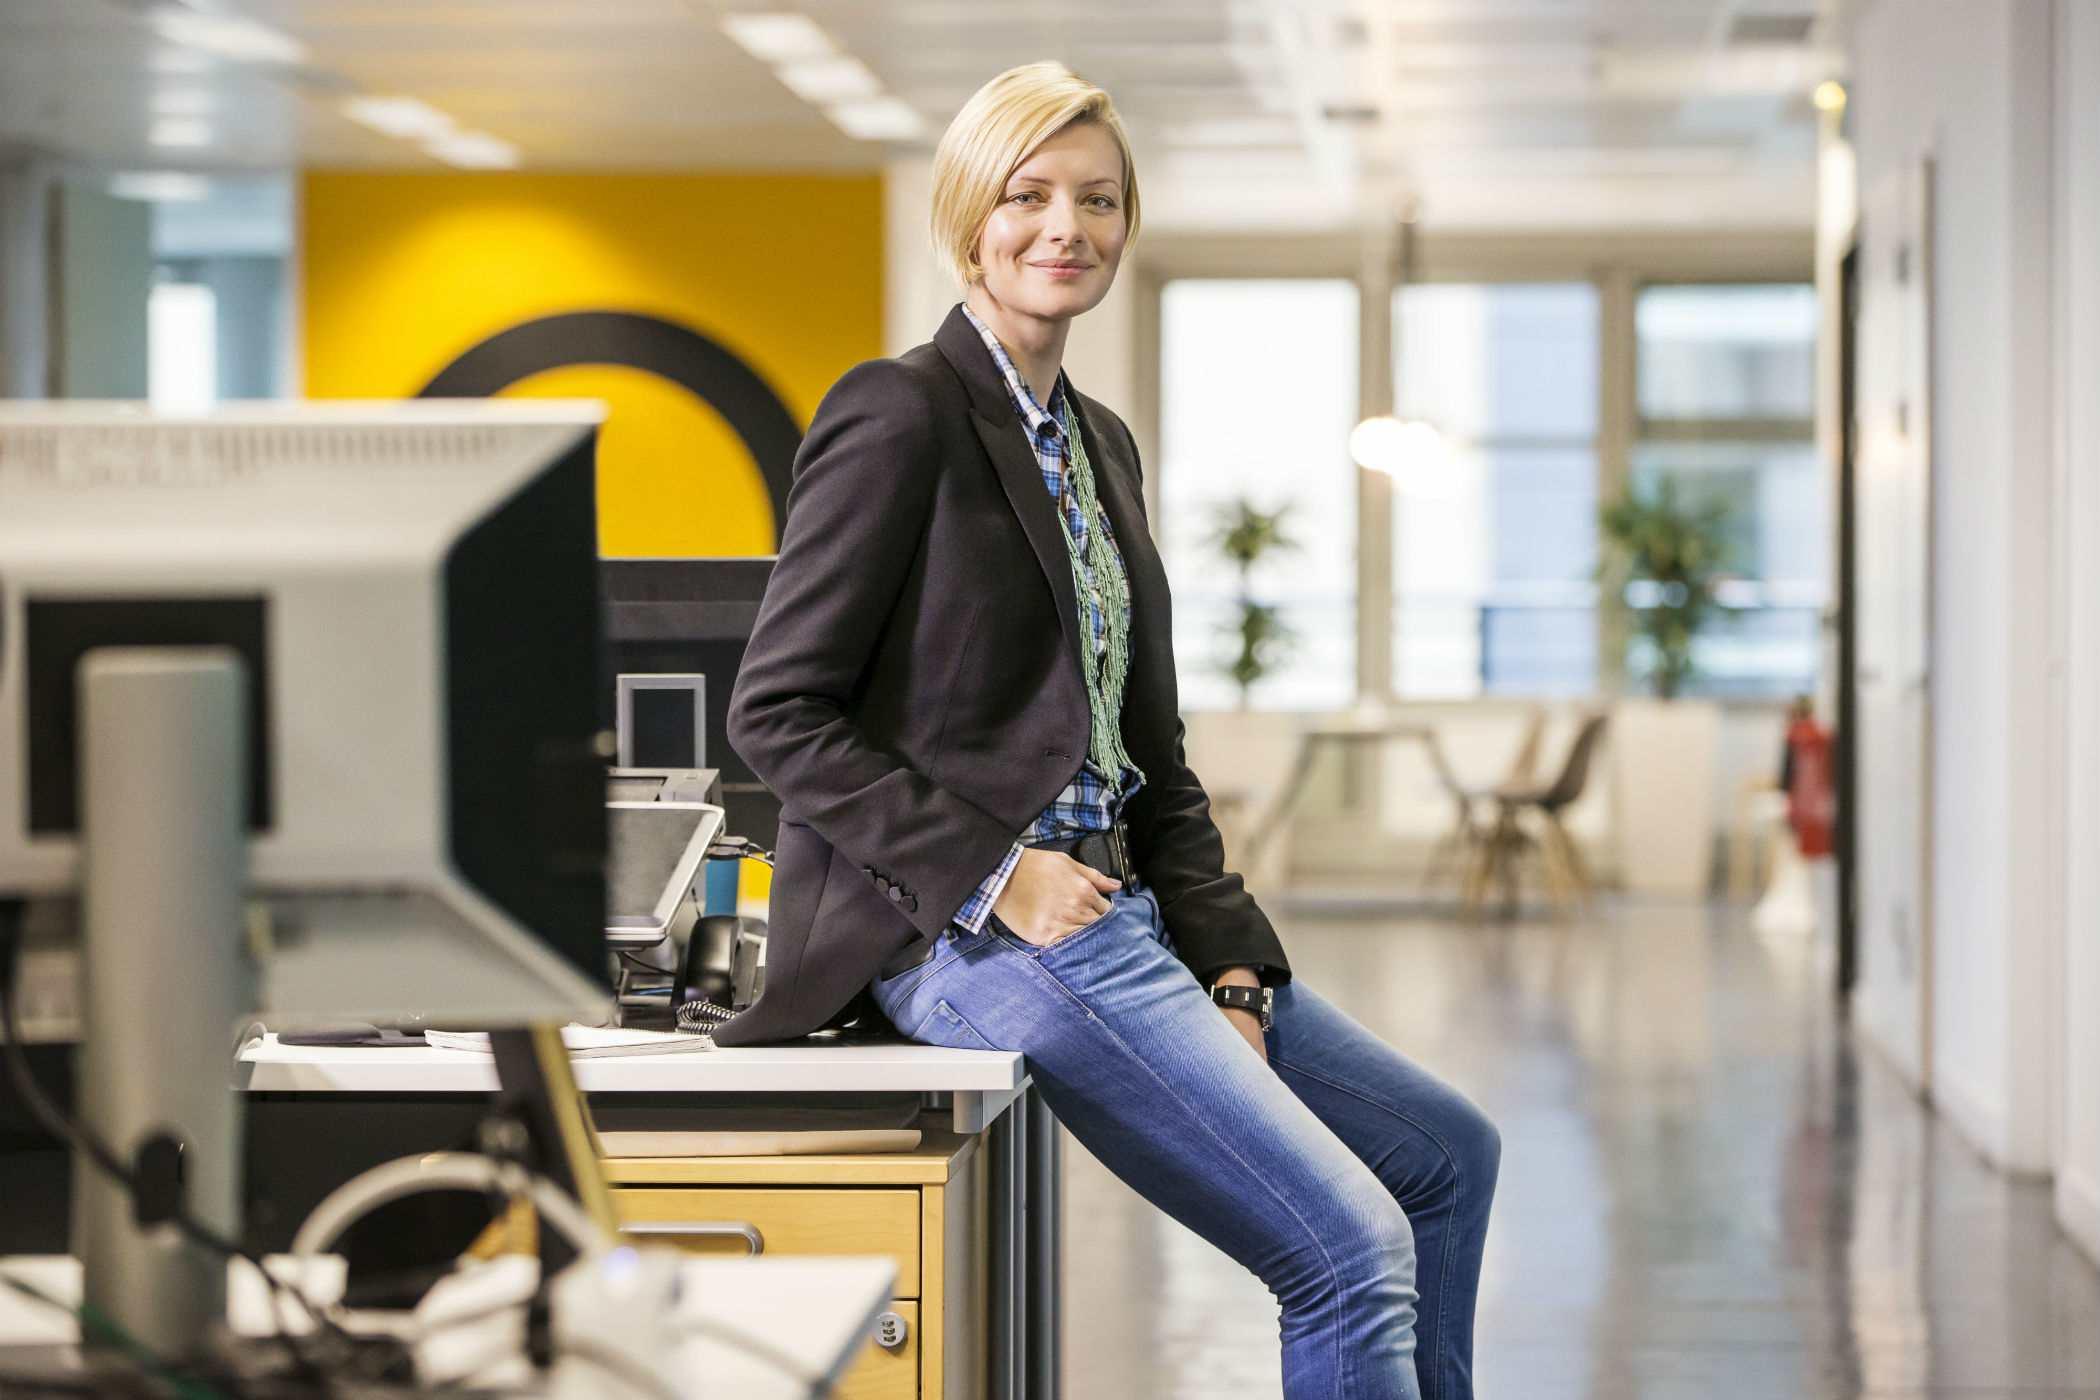 Resultado de imagen para wear jeans work